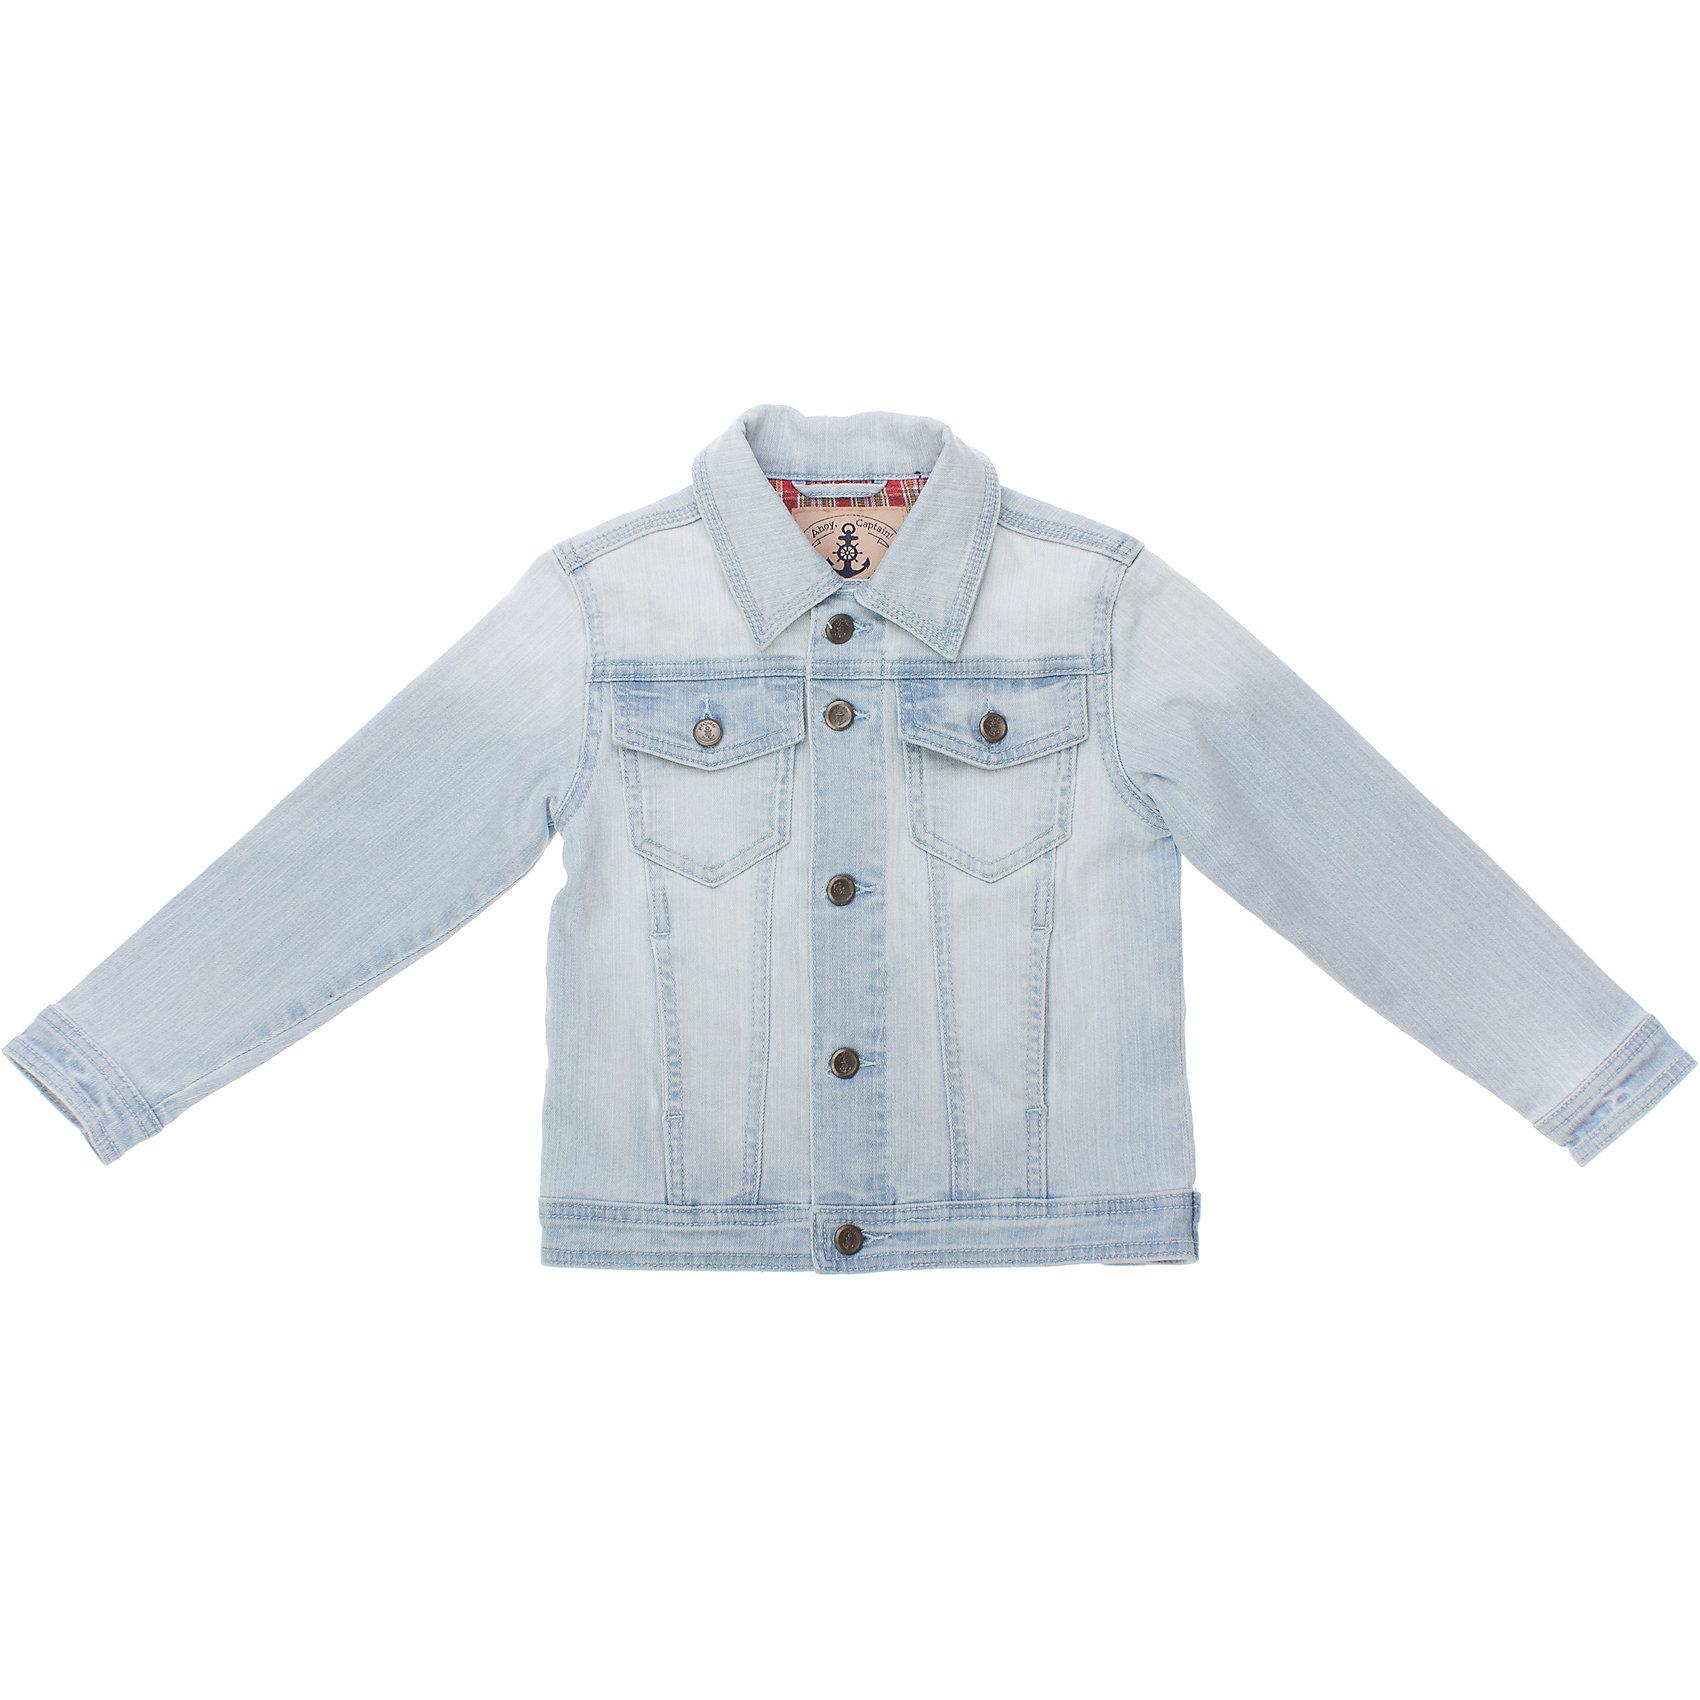 Джинсовая куртка для мальчика PlayTodayДжинсовая одежда<br>Куртка для мальчика PlayToday <br><br>Состав: 90% хлопок, 8% вискоза, 2% эластан <br><br>Классическая голубая джинса<br>Застегивается на металлические пуговки с якорями<br>На груди 2 кармана на пуговках<br><br>Ширина мм: 356<br>Глубина мм: 10<br>Высота мм: 245<br>Вес г: 519<br>Цвет: разноцветный<br>Возраст от месяцев: 72<br>Возраст до месяцев: 84<br>Пол: Мужской<br>Возраст: Детский<br>Размер: 116,110,98,104,128,122<br>SKU: 4504187